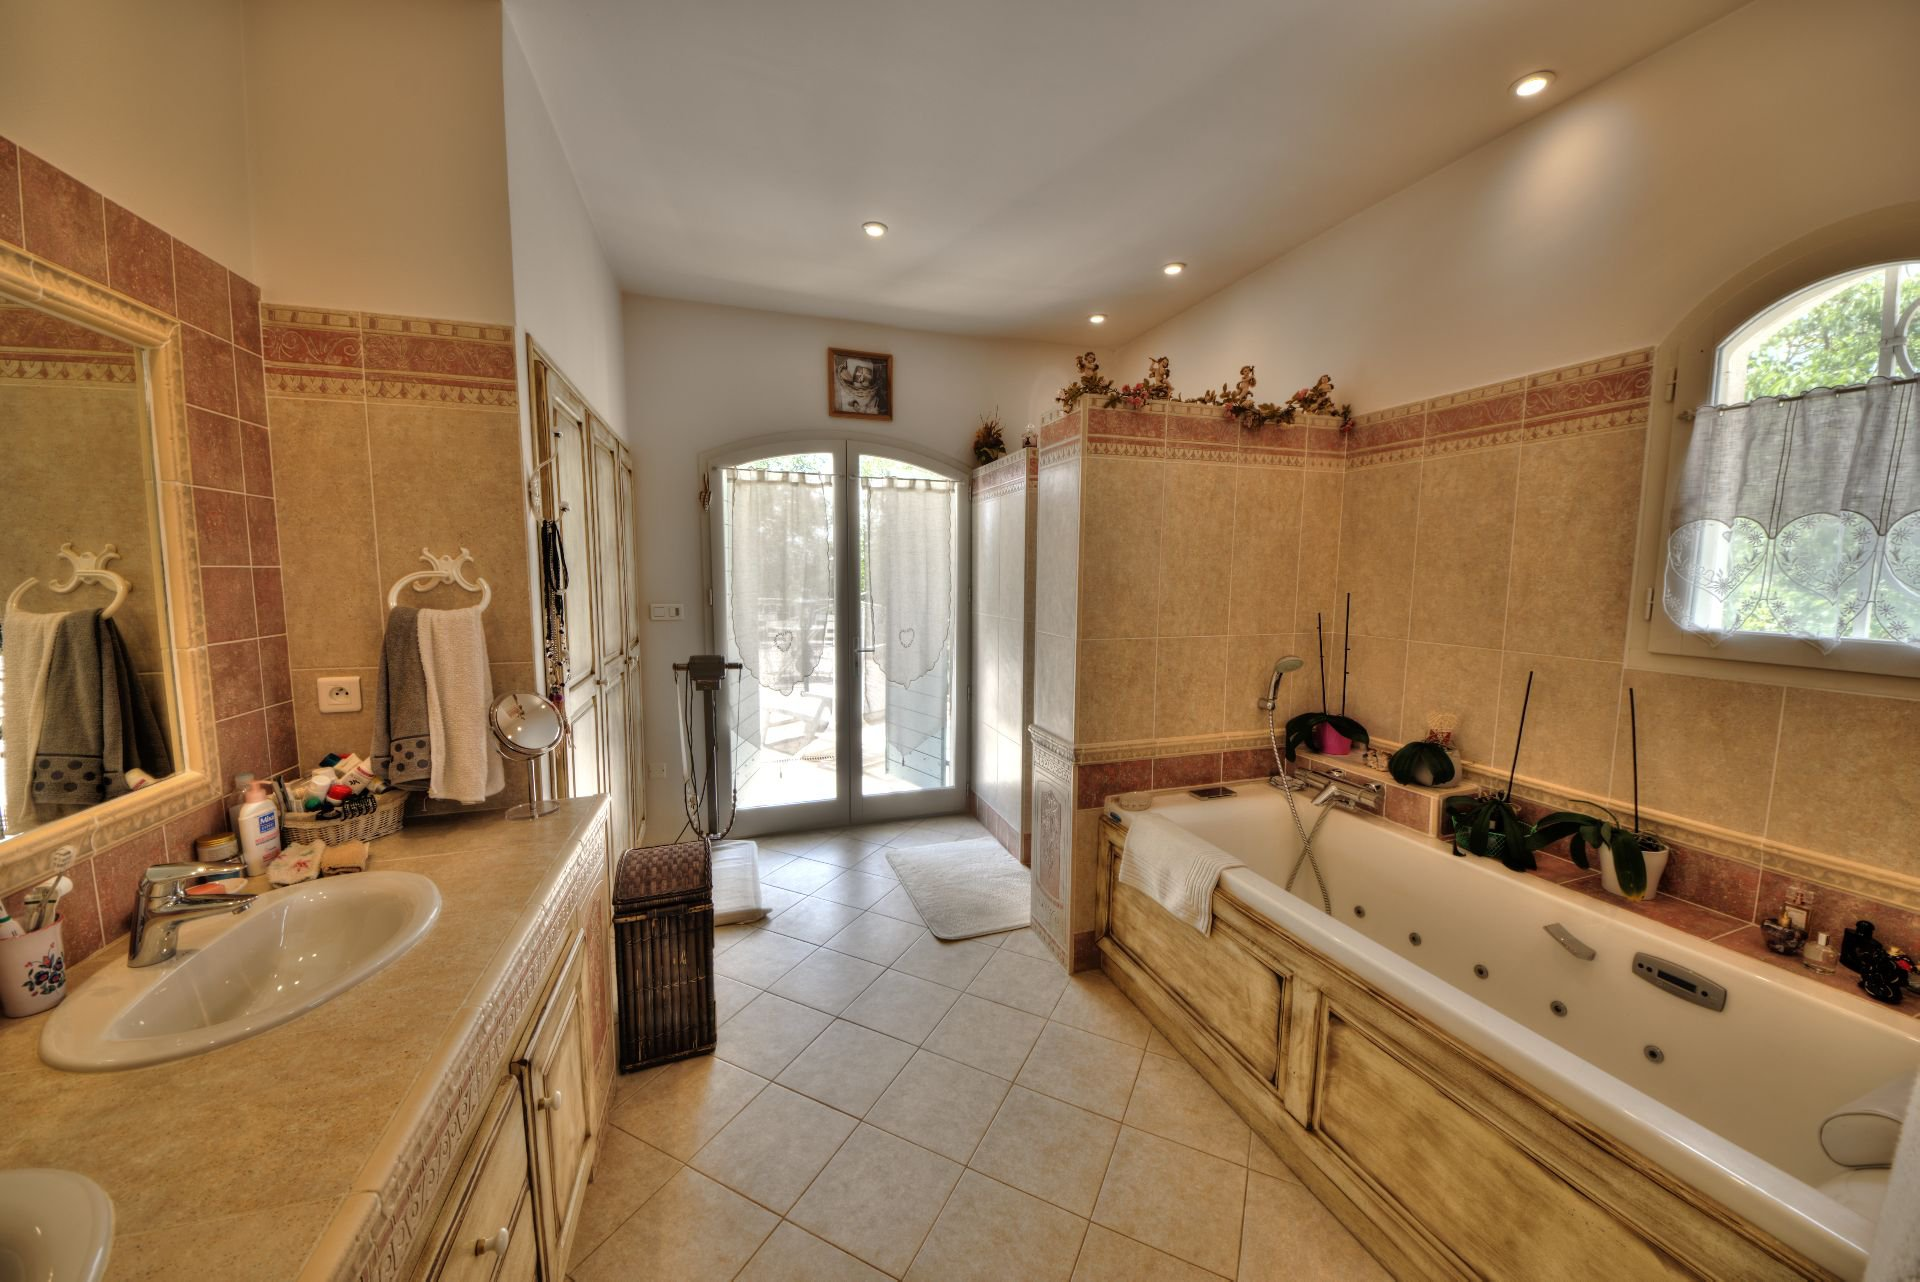 Salle de bains, lumière naturelle, carrelage